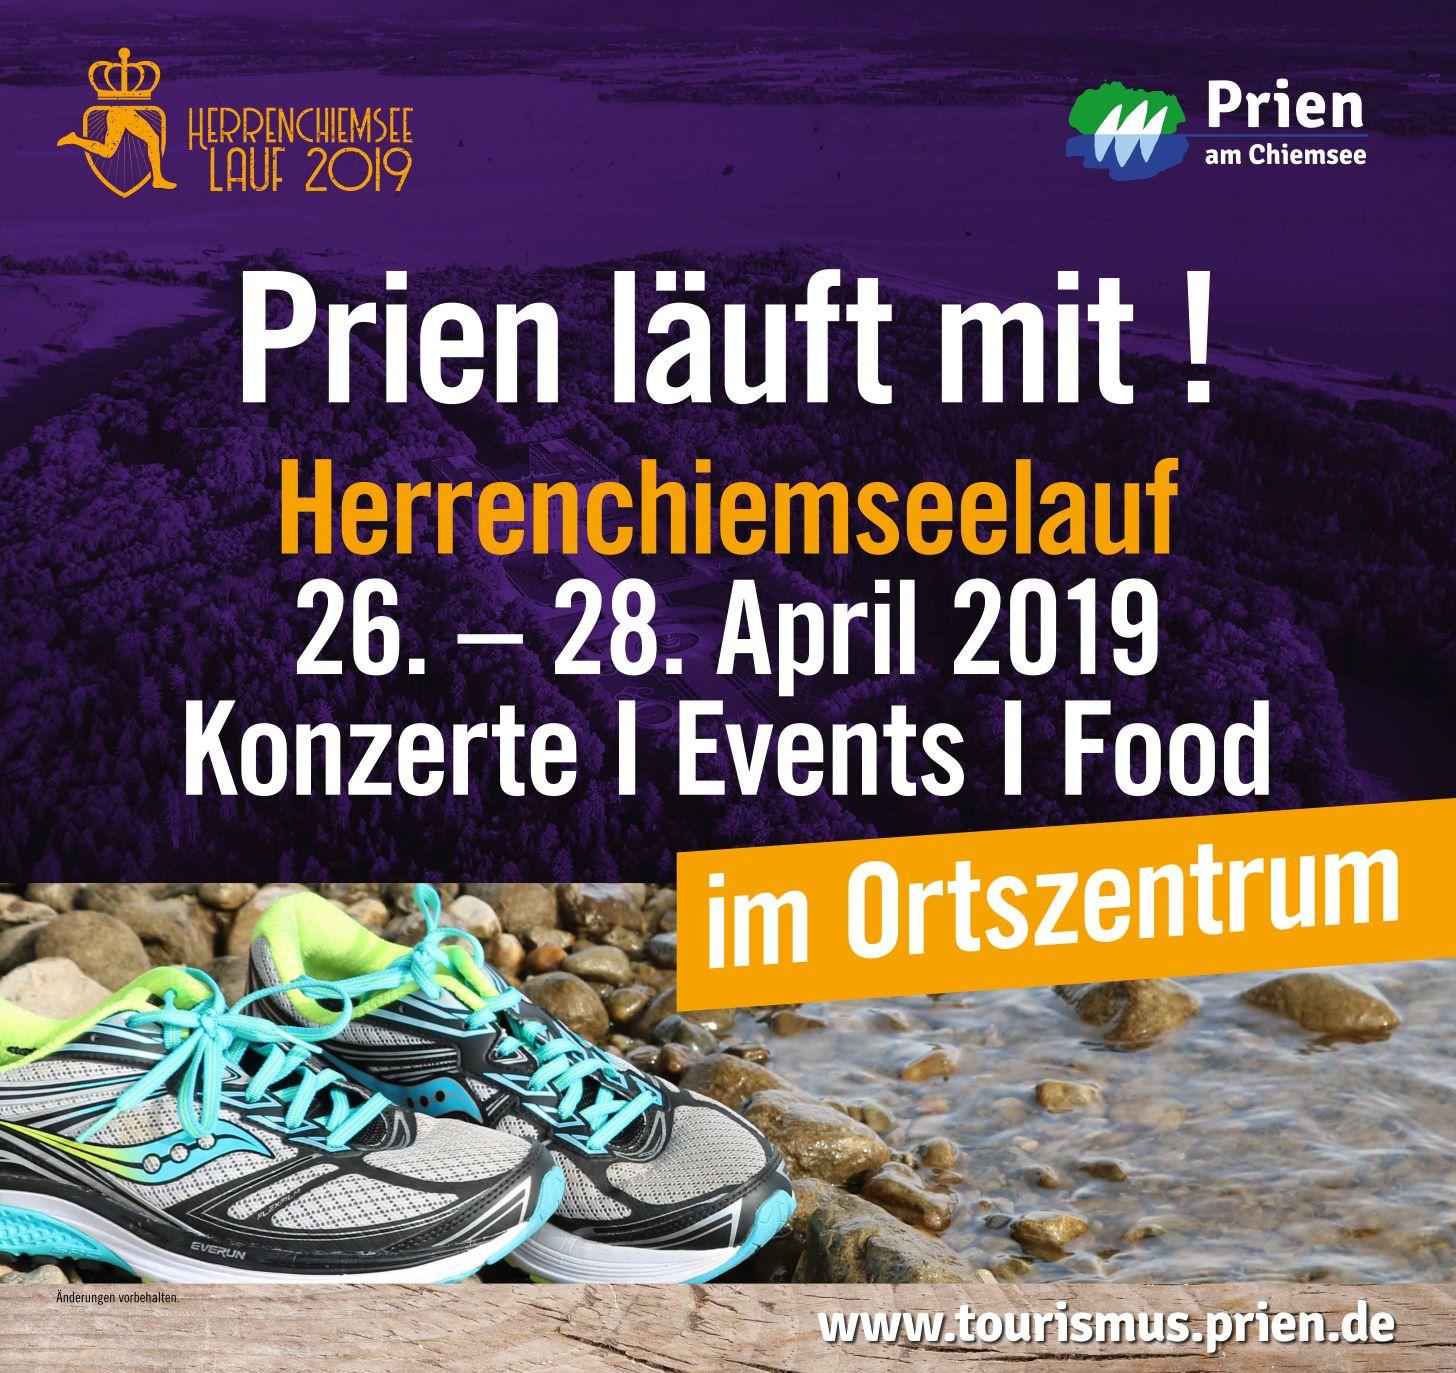 Herrenchiemseelauf Mitmach-Programm in Prien